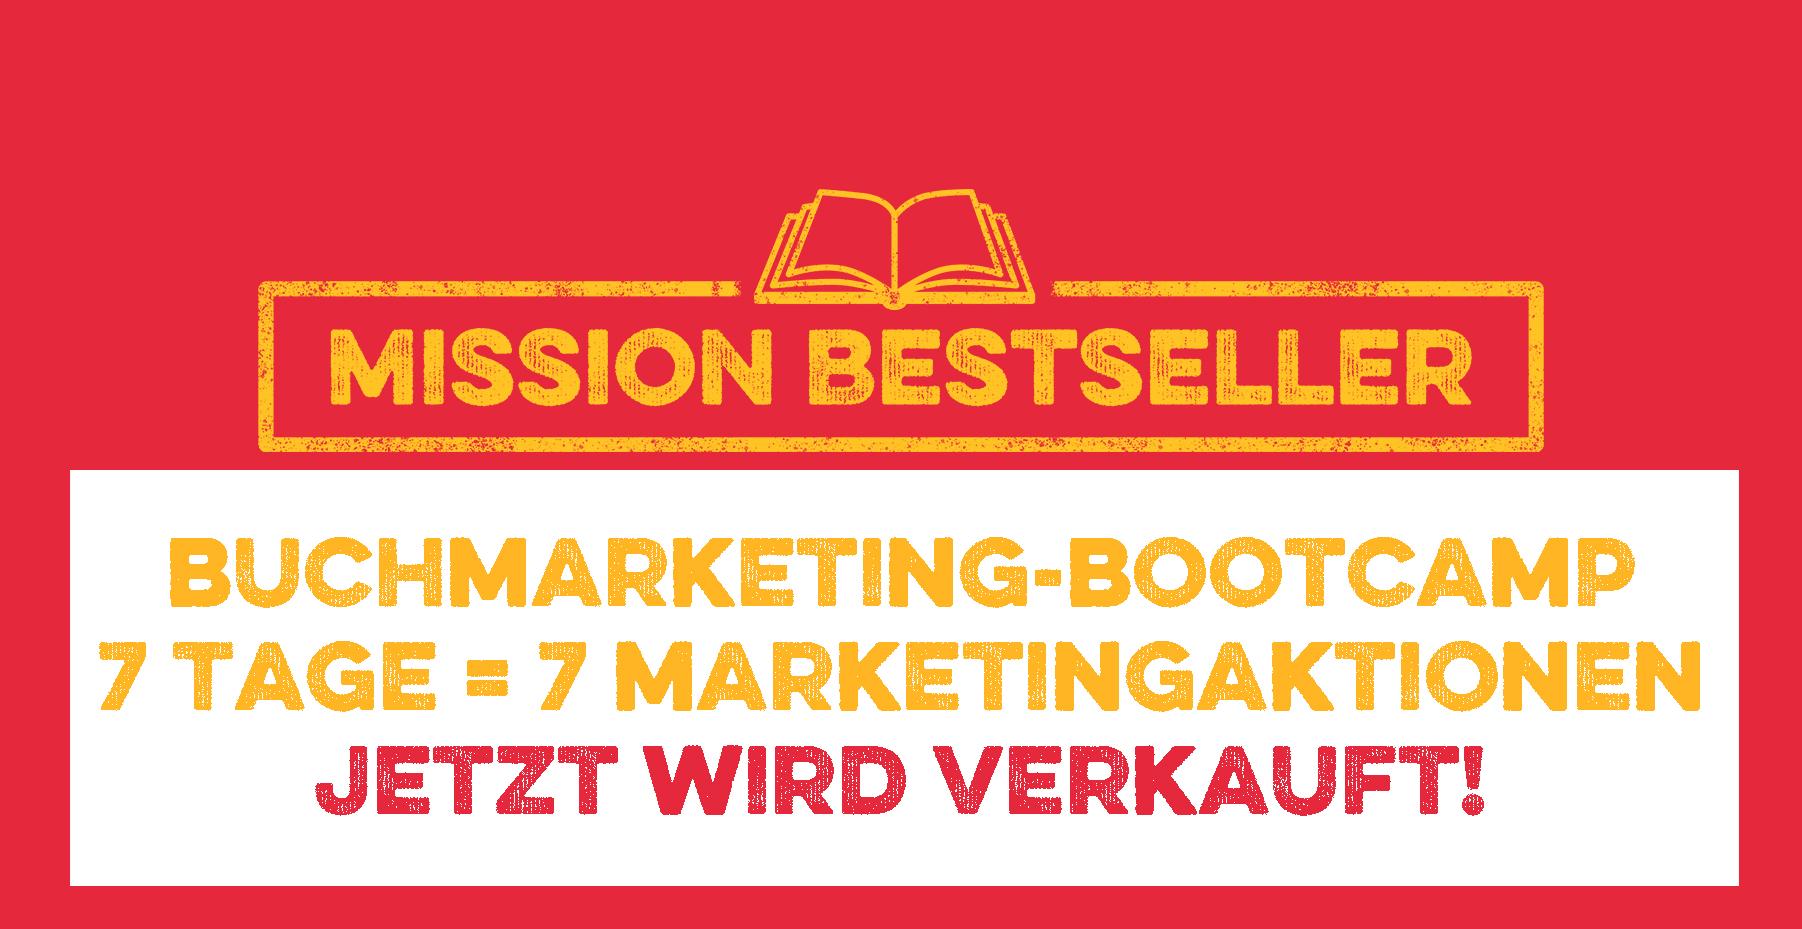 Online-Buchmarketing-Bootcamp - mit Mission Bestseller Logo